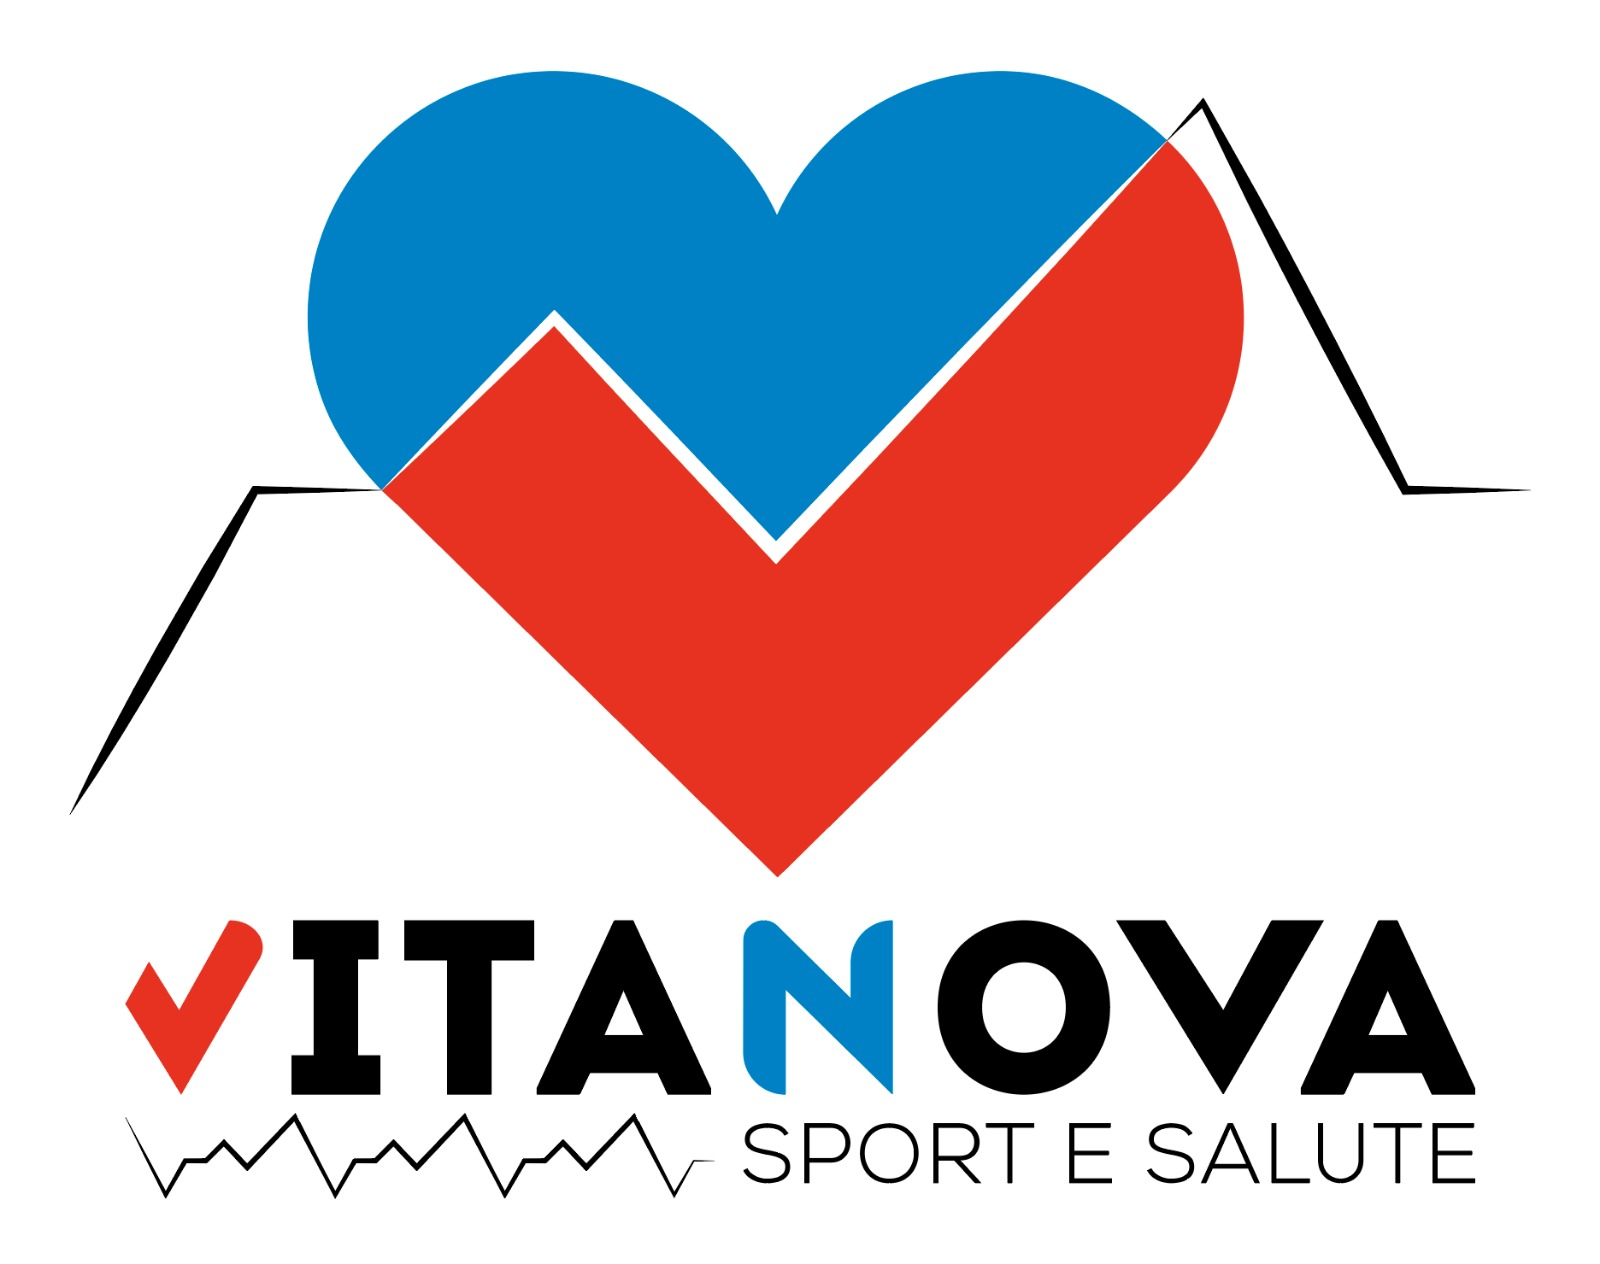 Vitanova Homepage Palestra Vitanova Sport E Salute